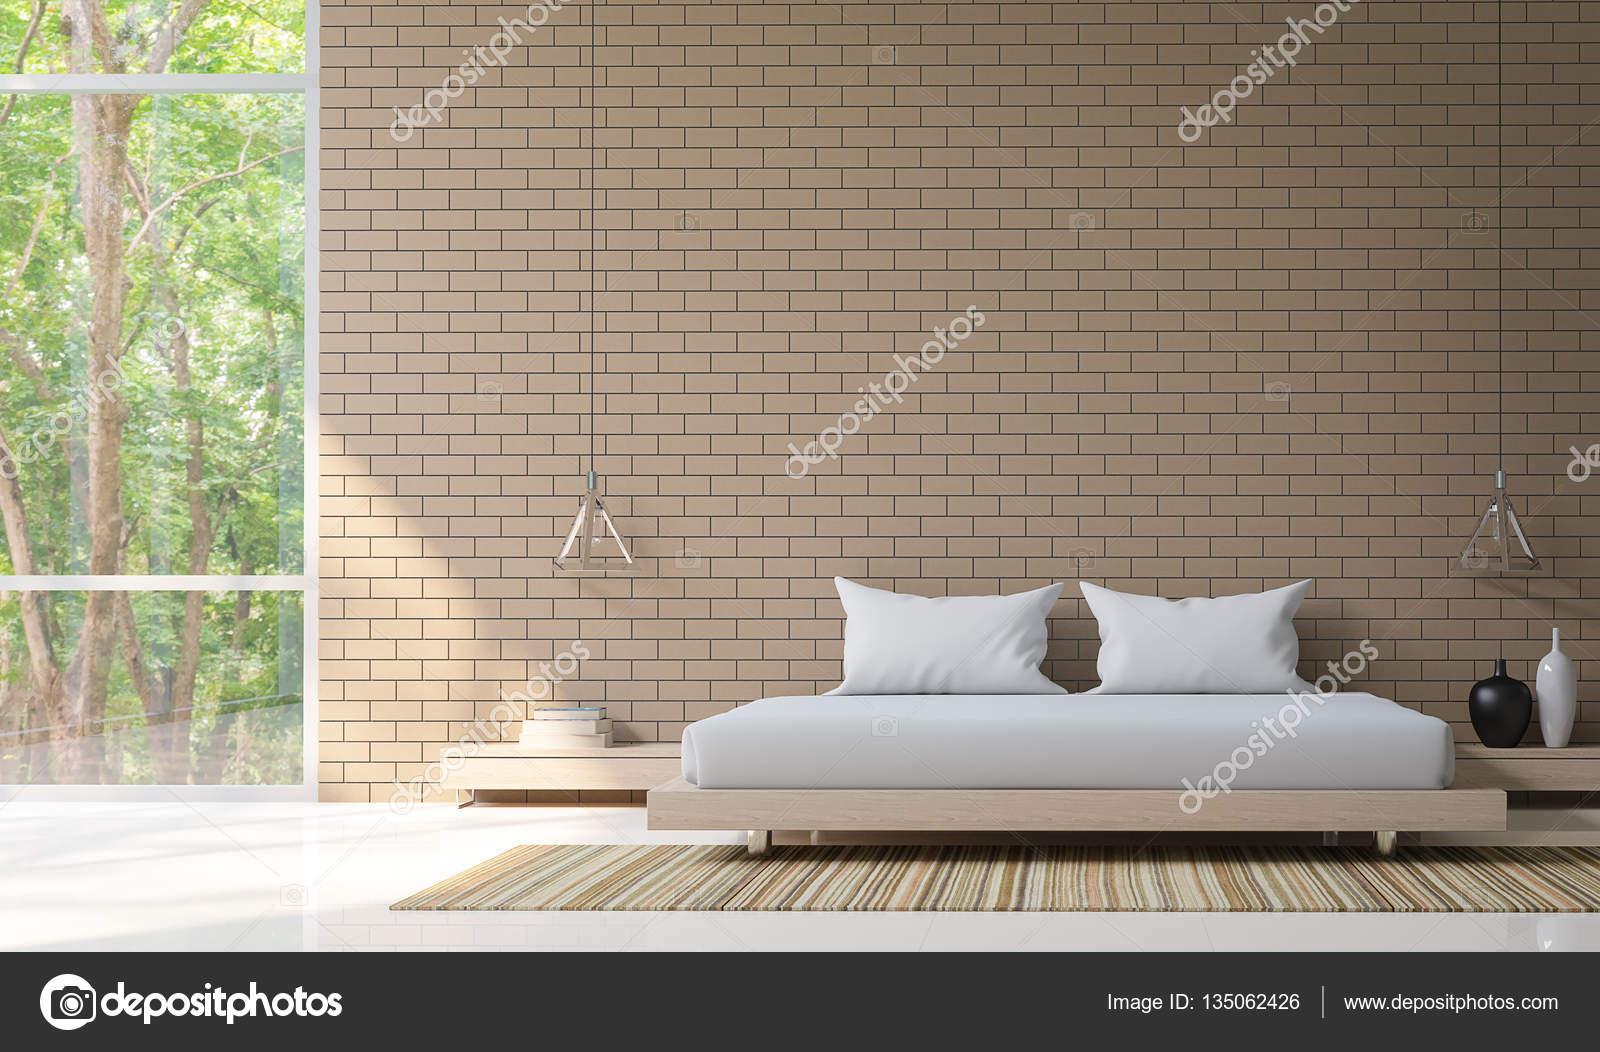 Schlafzimmer Dekoration Wand | Moderne Schlafzimmer Dekorieren Wand Mit Backstein 3d Rendering Bild